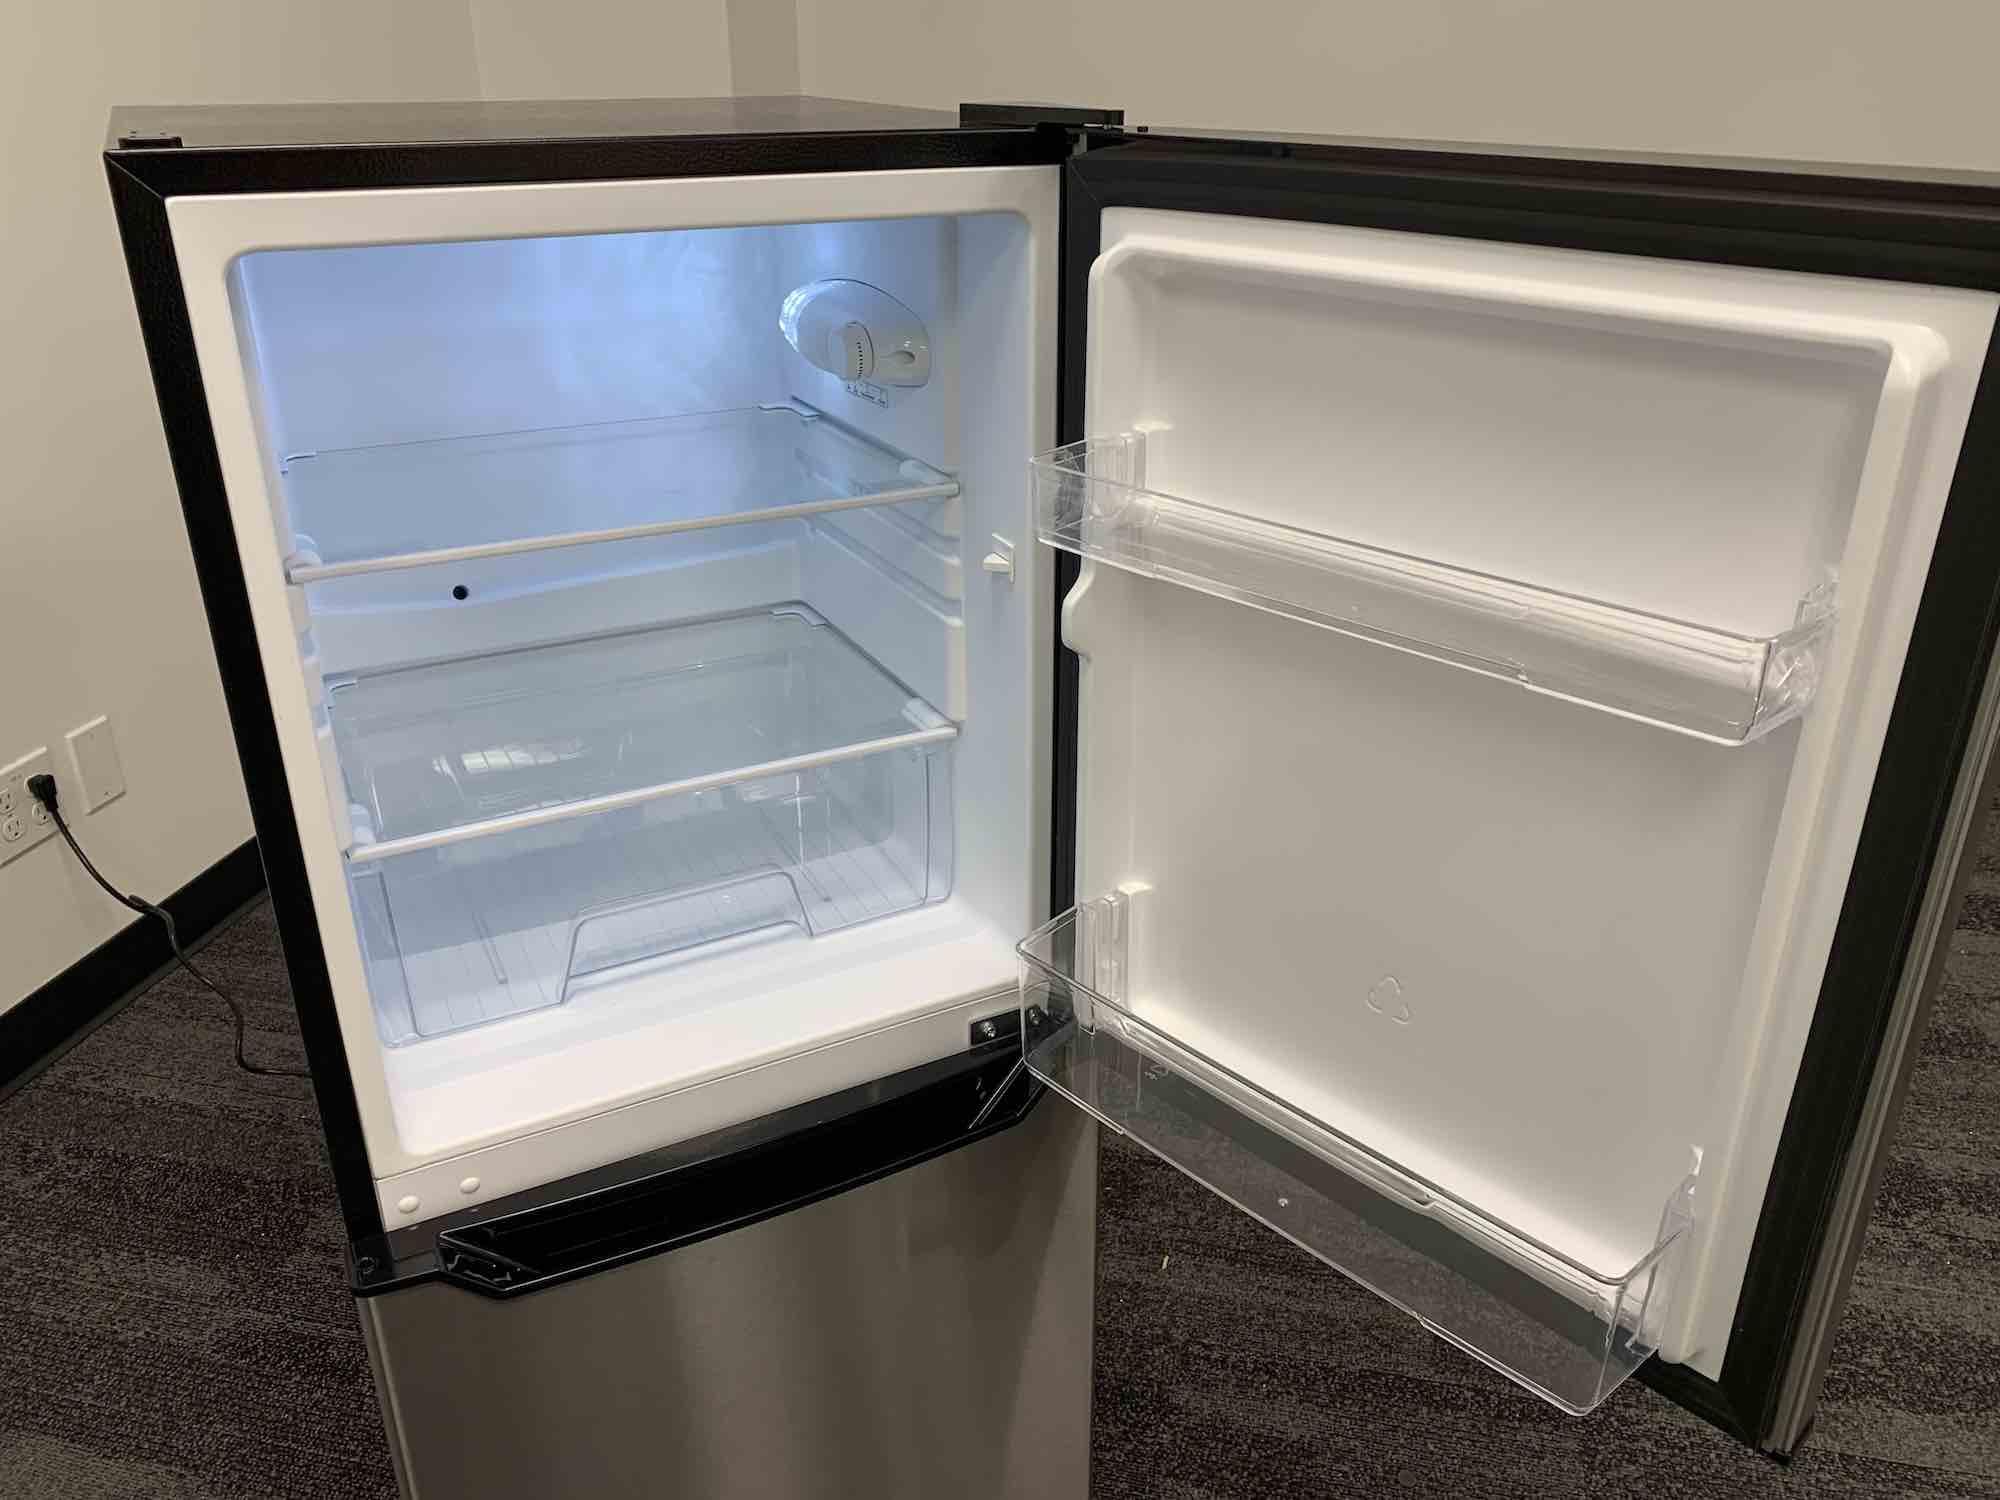 Insignia mini fridge freezer